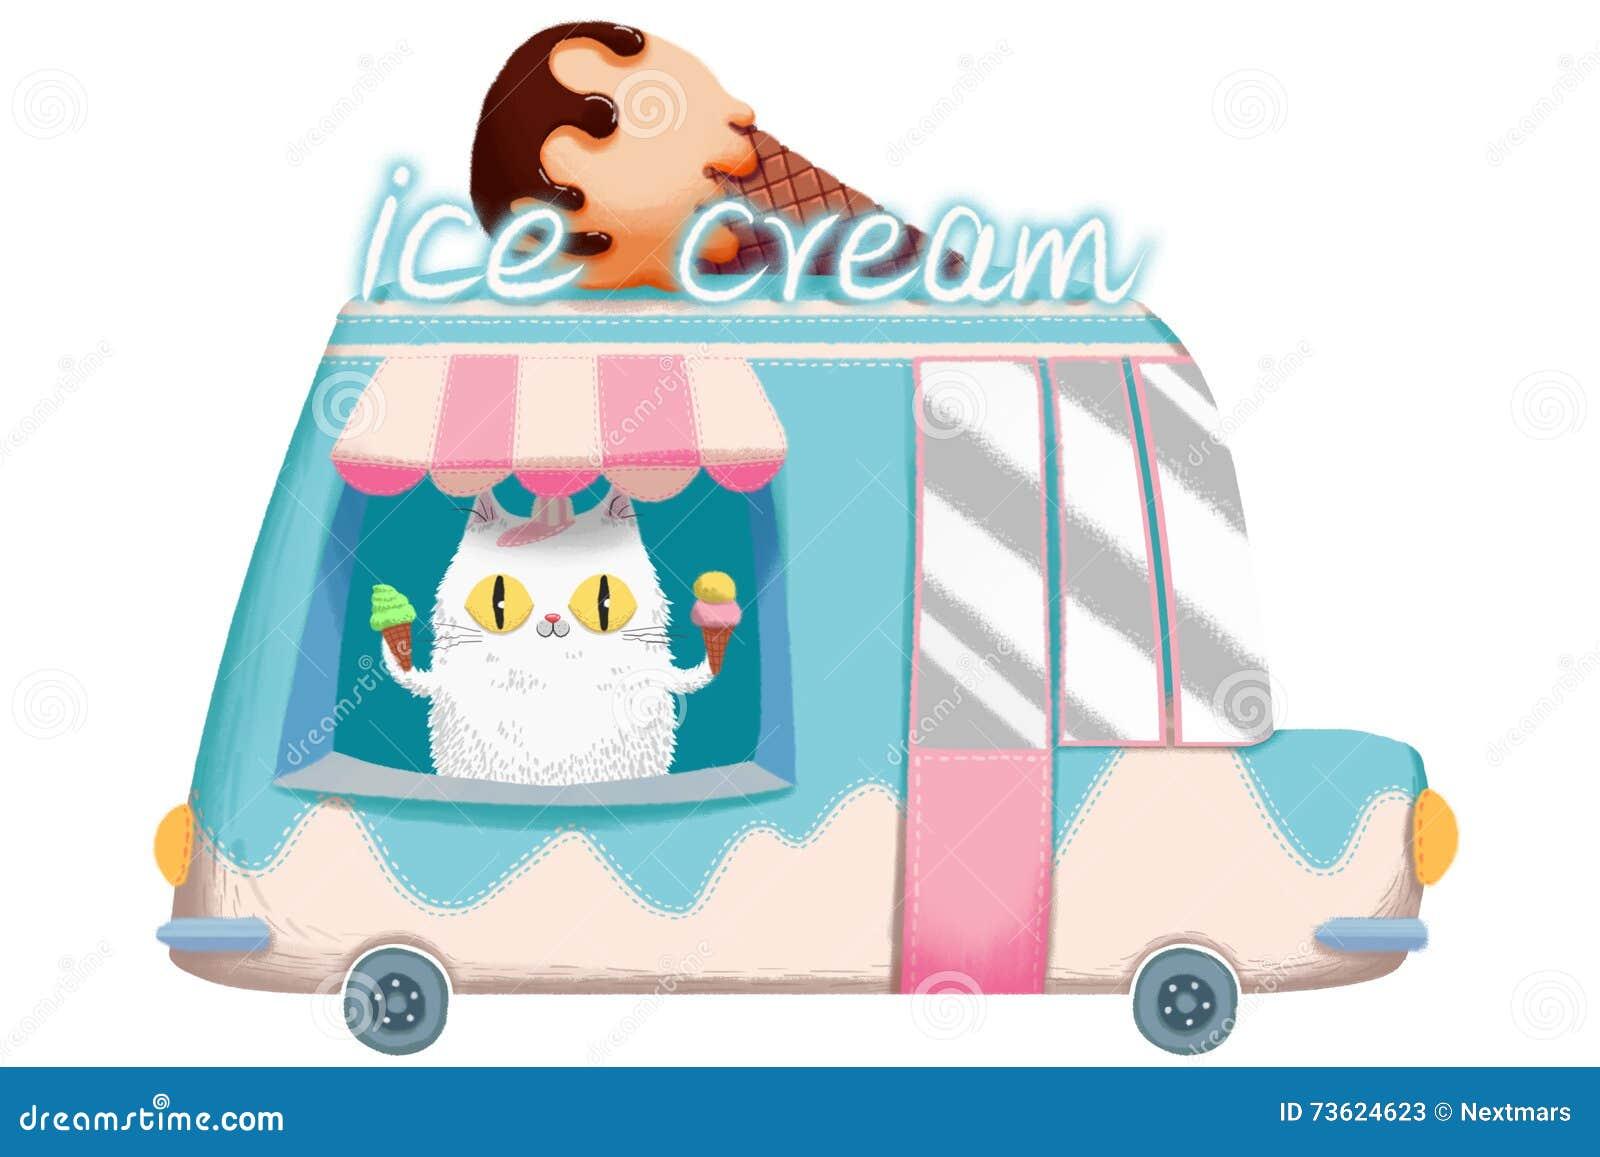 Illustration créative et art innovateur : Crème glacée Van